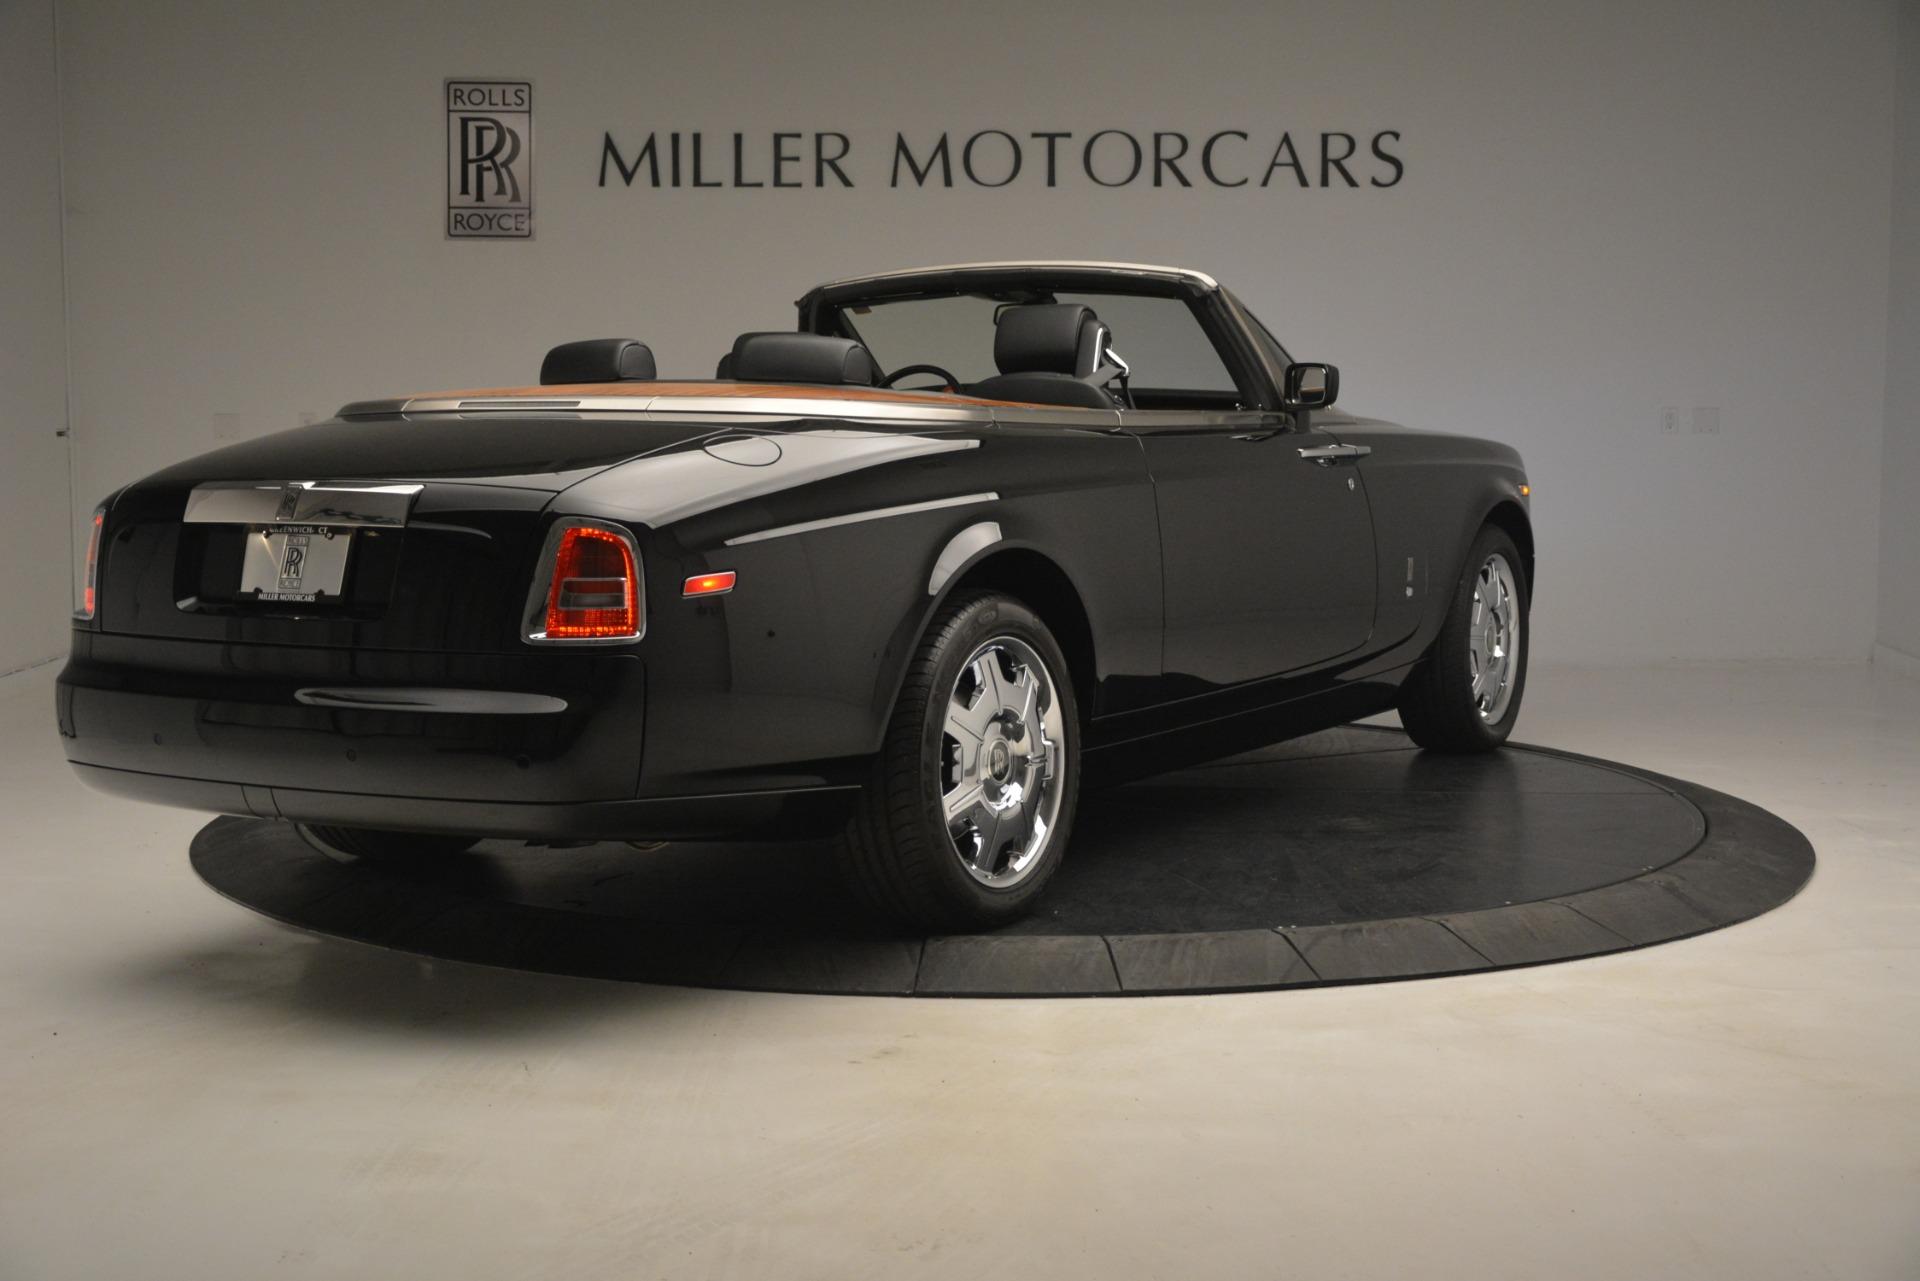 Used 2008 Rolls-Royce Phantom Drophead Coupe  For Sale In Westport, CT 3000_p11